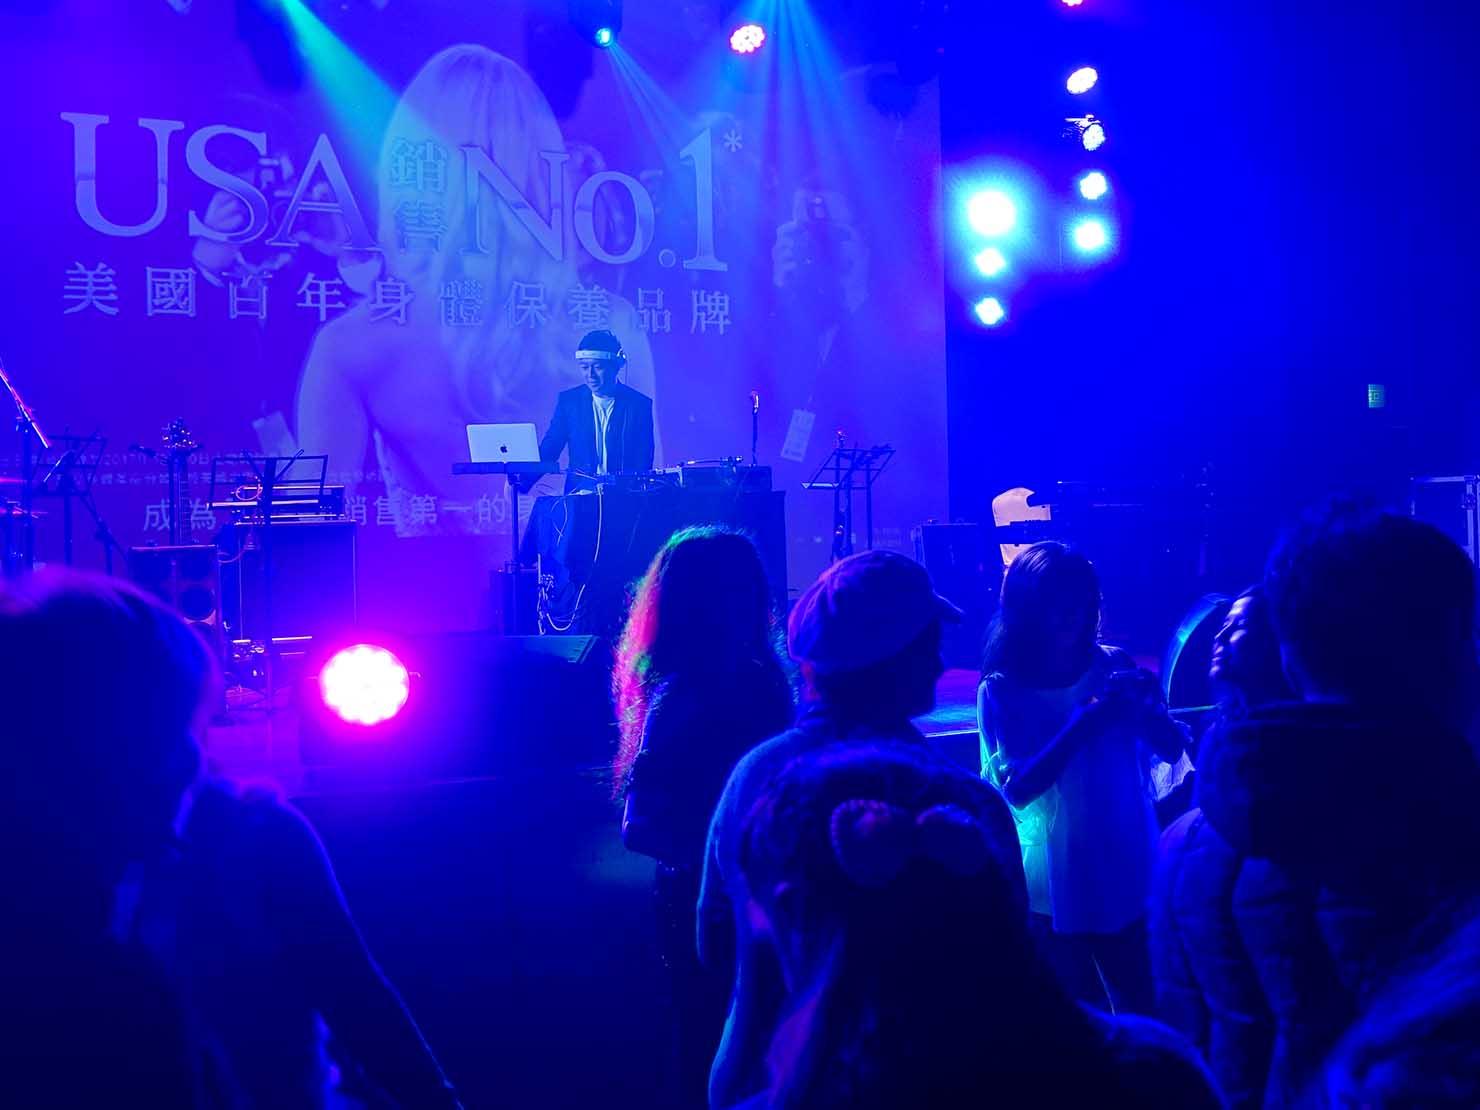 台北・圓山大飯店のカウントダウンパーティー「Bling Bling跨年派對」ステージでパフォーマンスするDJ